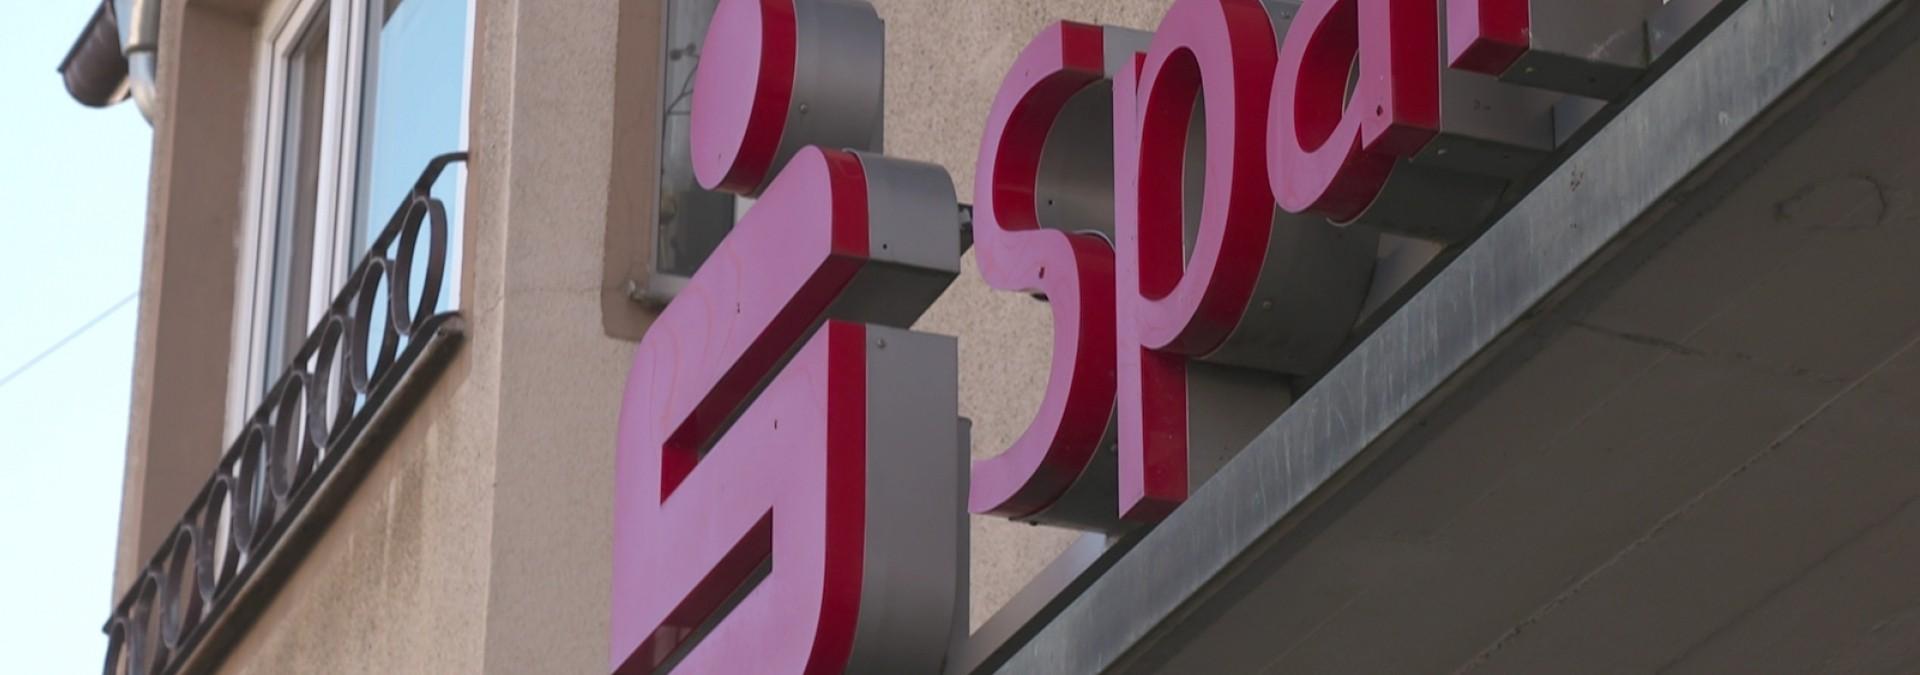 Sparkasse Ulm schließt 27 Filialen